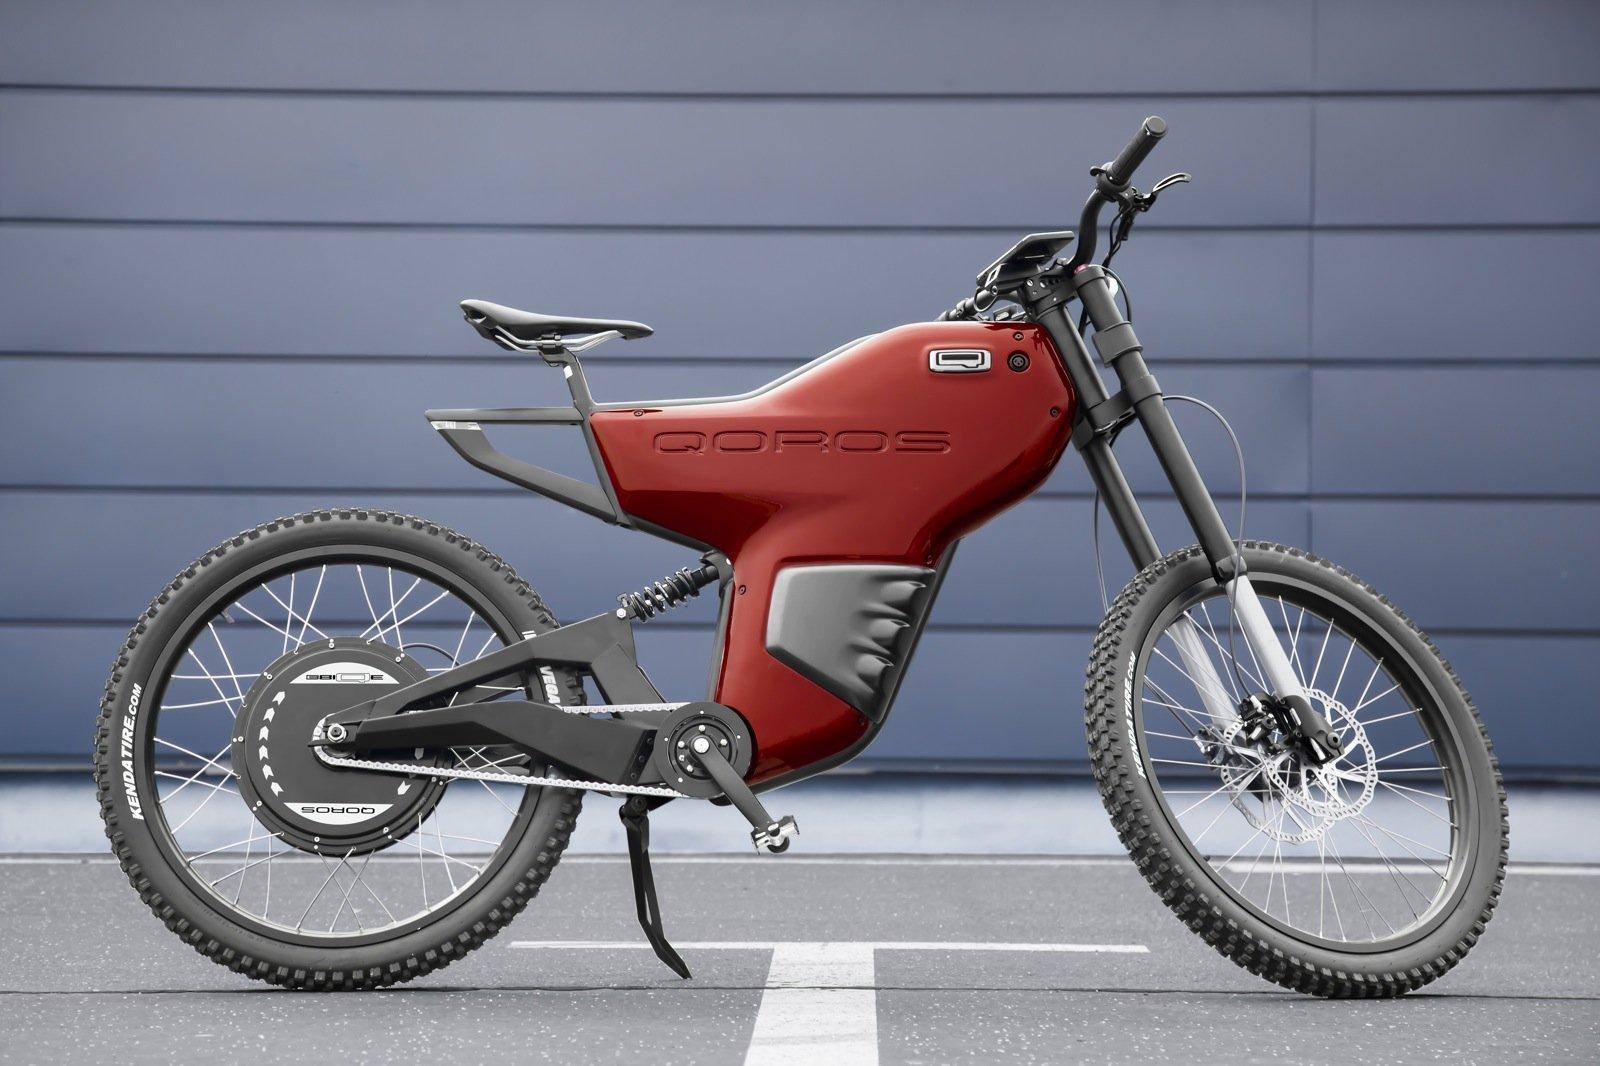 """Das neue """"eBIQUE"""" des chinesischen Autobauers Qoros ist für den """"modernen Städter"""" gedacht. Das E-Bike fährt bis zu 65 Stundenkilometer schnell und ähnelt eher einer Motocross-Maschine als einem Fahrrad. Mit 49 Kilogramm ist es ungewöhnlich schwer."""